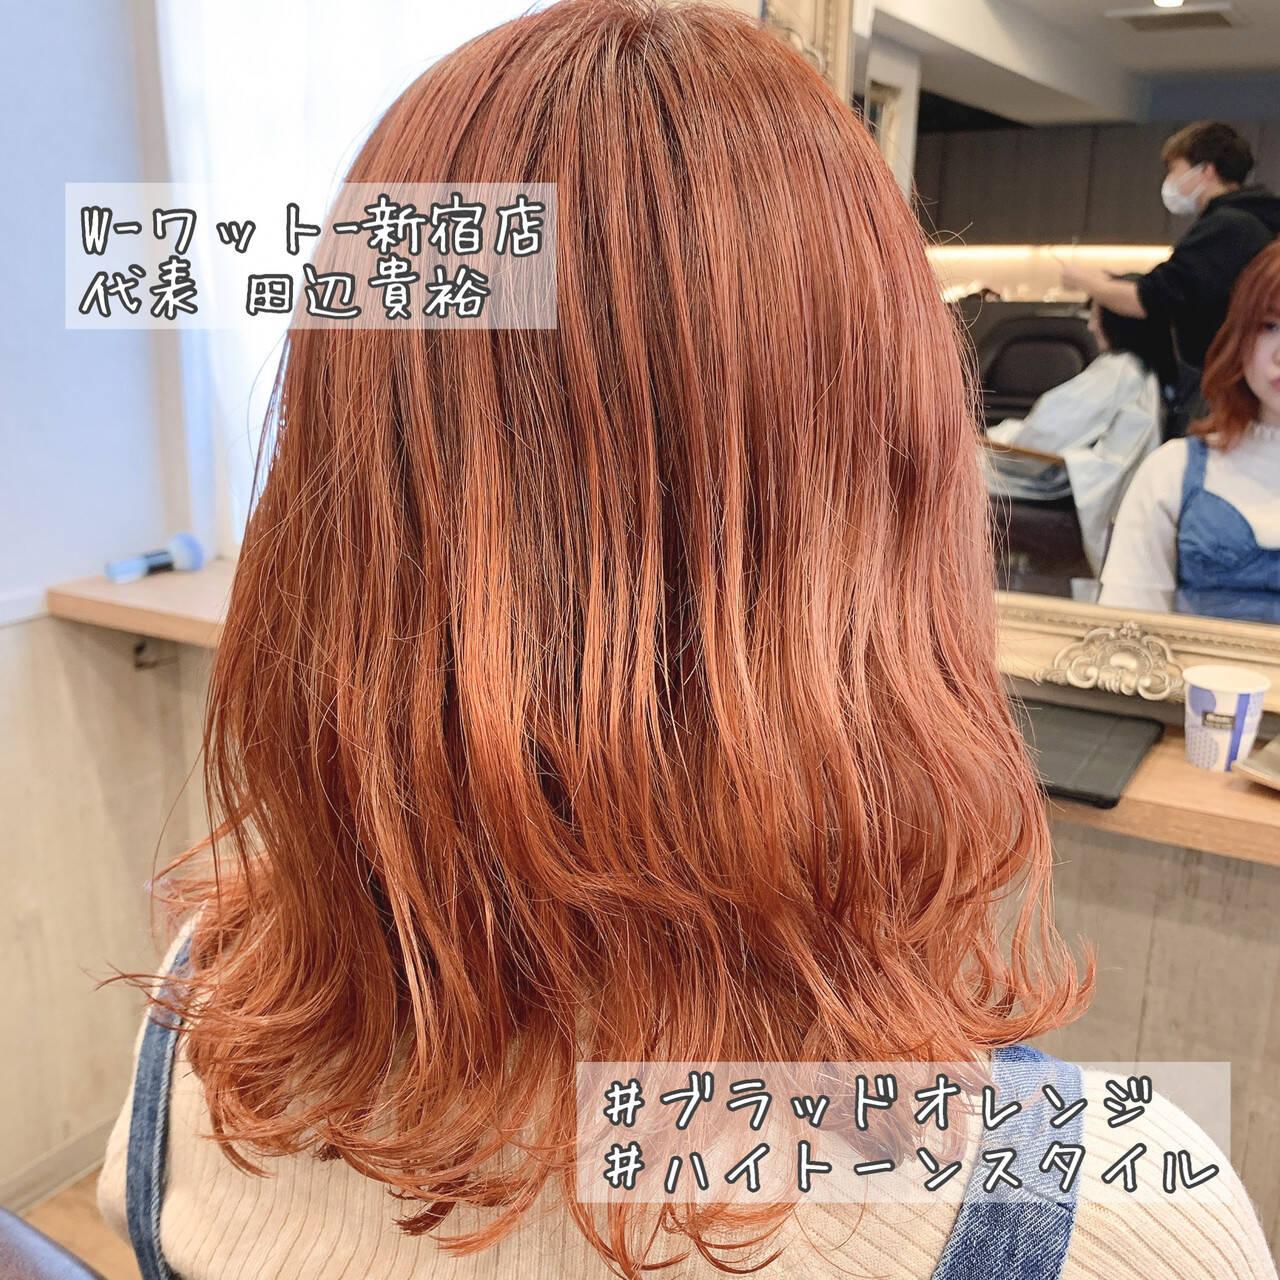 ミディアム ミルクティーベージュ アプリコットオレンジ オレンジベージュヘアスタイルや髪型の写真・画像